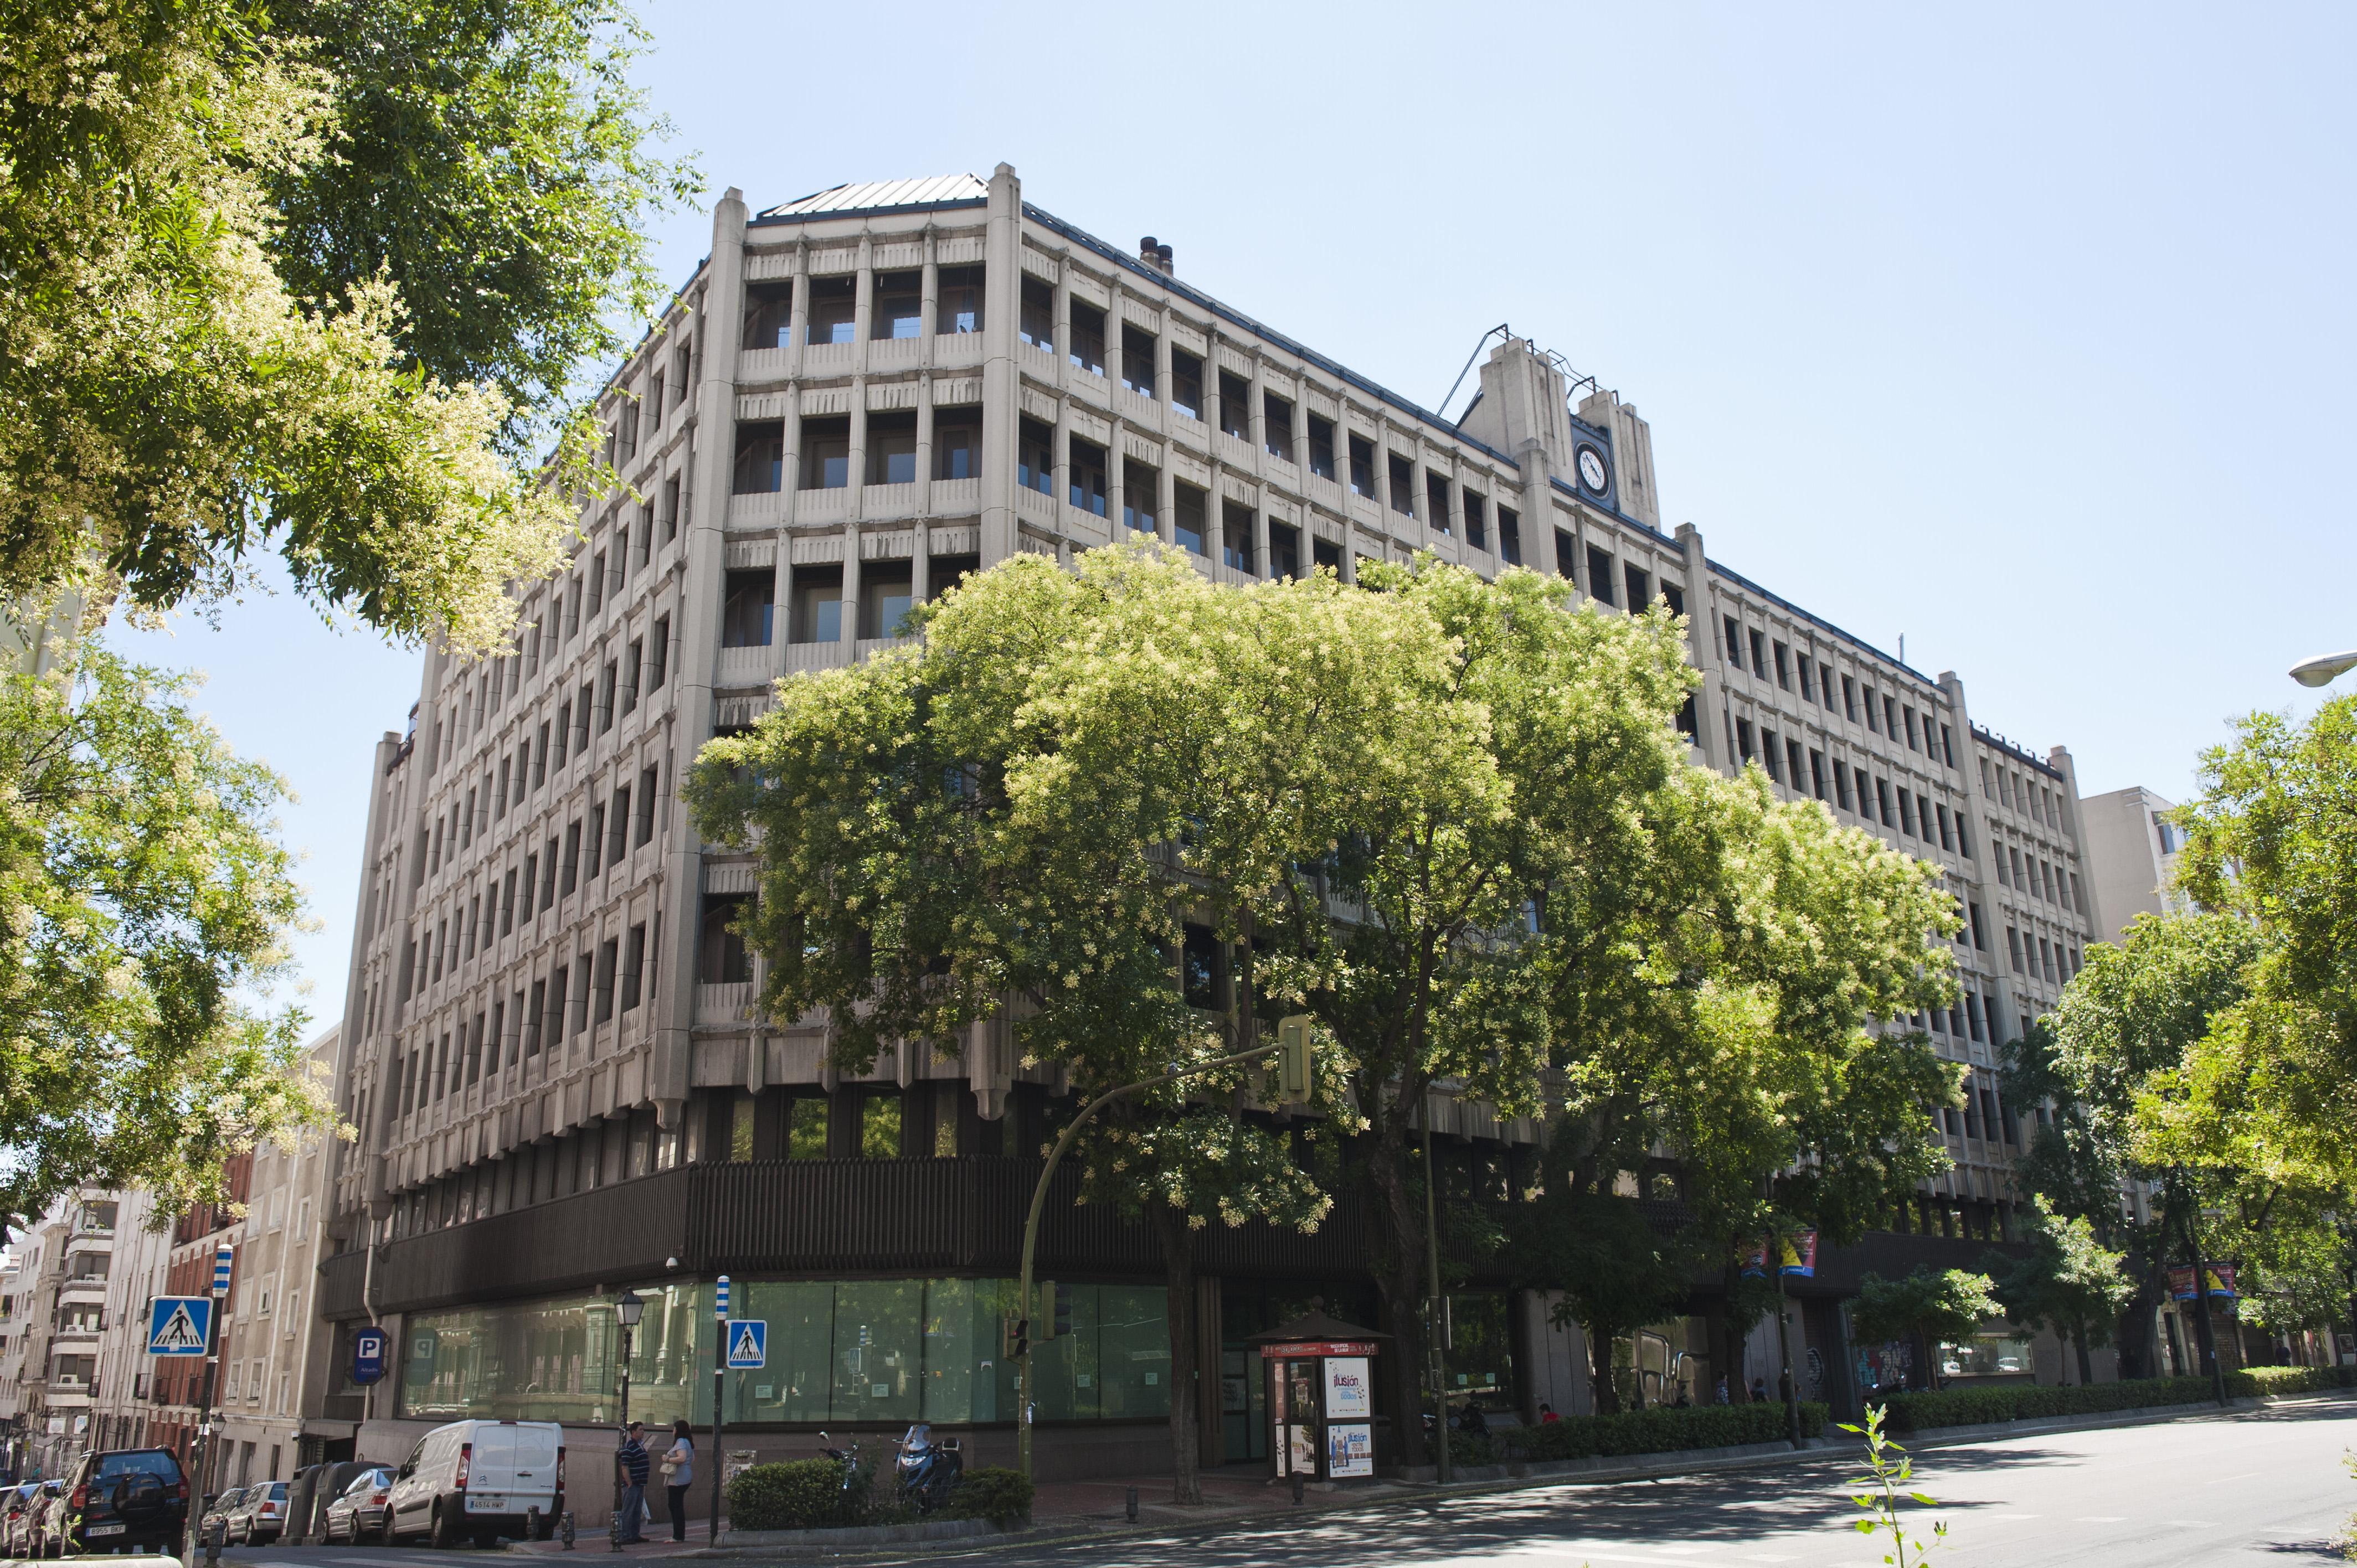 oficinas de altadis en la calle eloy gonzalo (madrid)